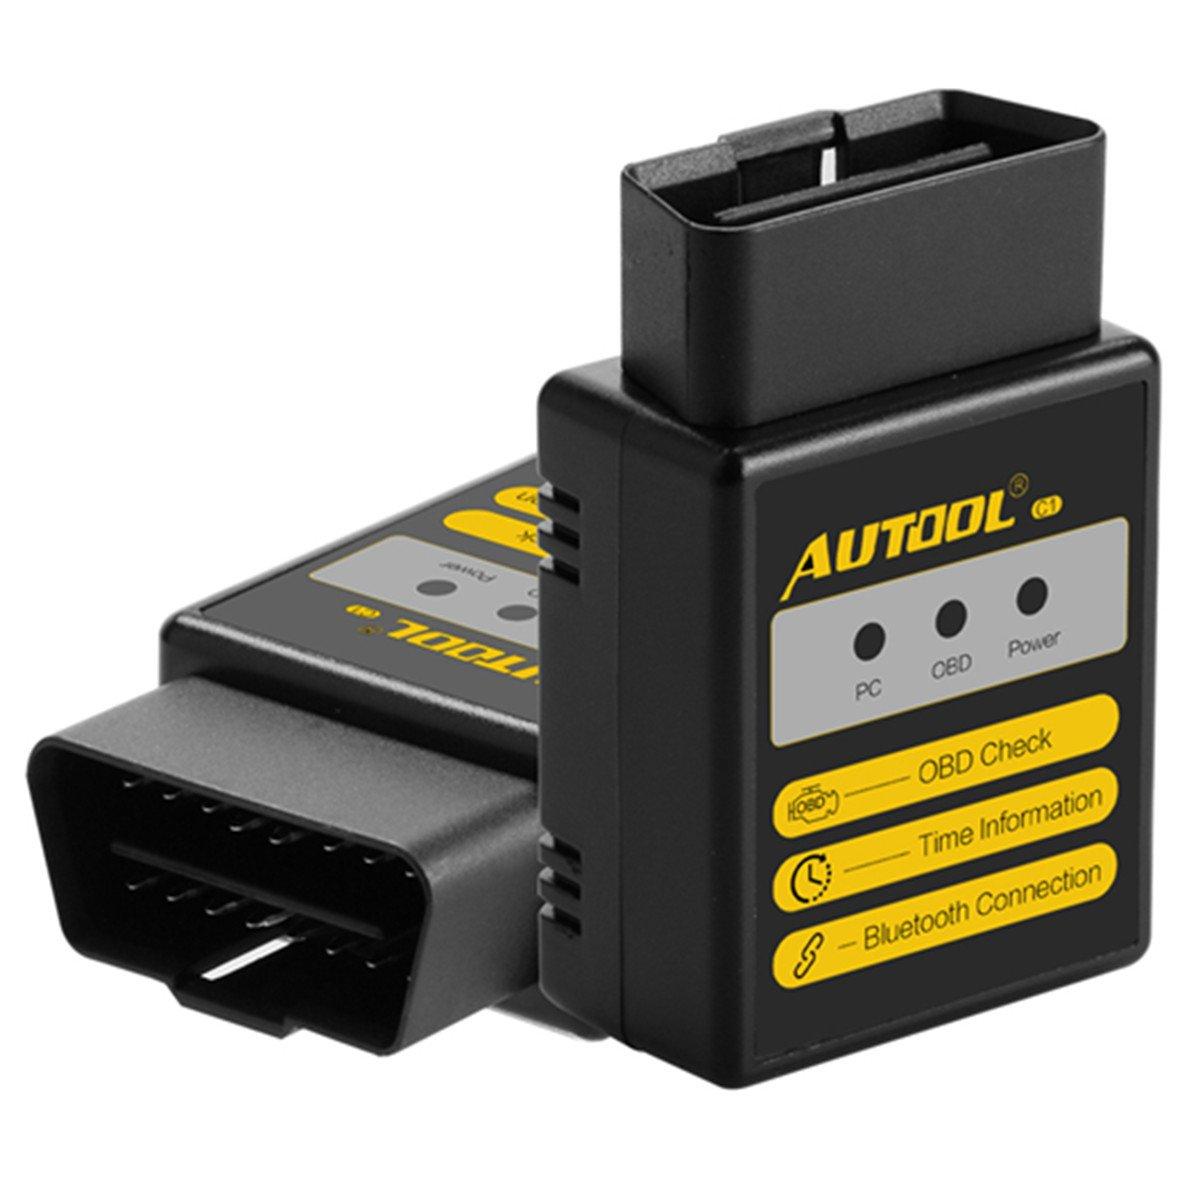 lettore codici di guasto Bluetooth Autool C1 V1.5 OBD Scanner For ElM327 For Torque Android OBDII OBD 2 Strumento di diagnostica auto OBD-II Lettore codici diagnostici di guasto al motore